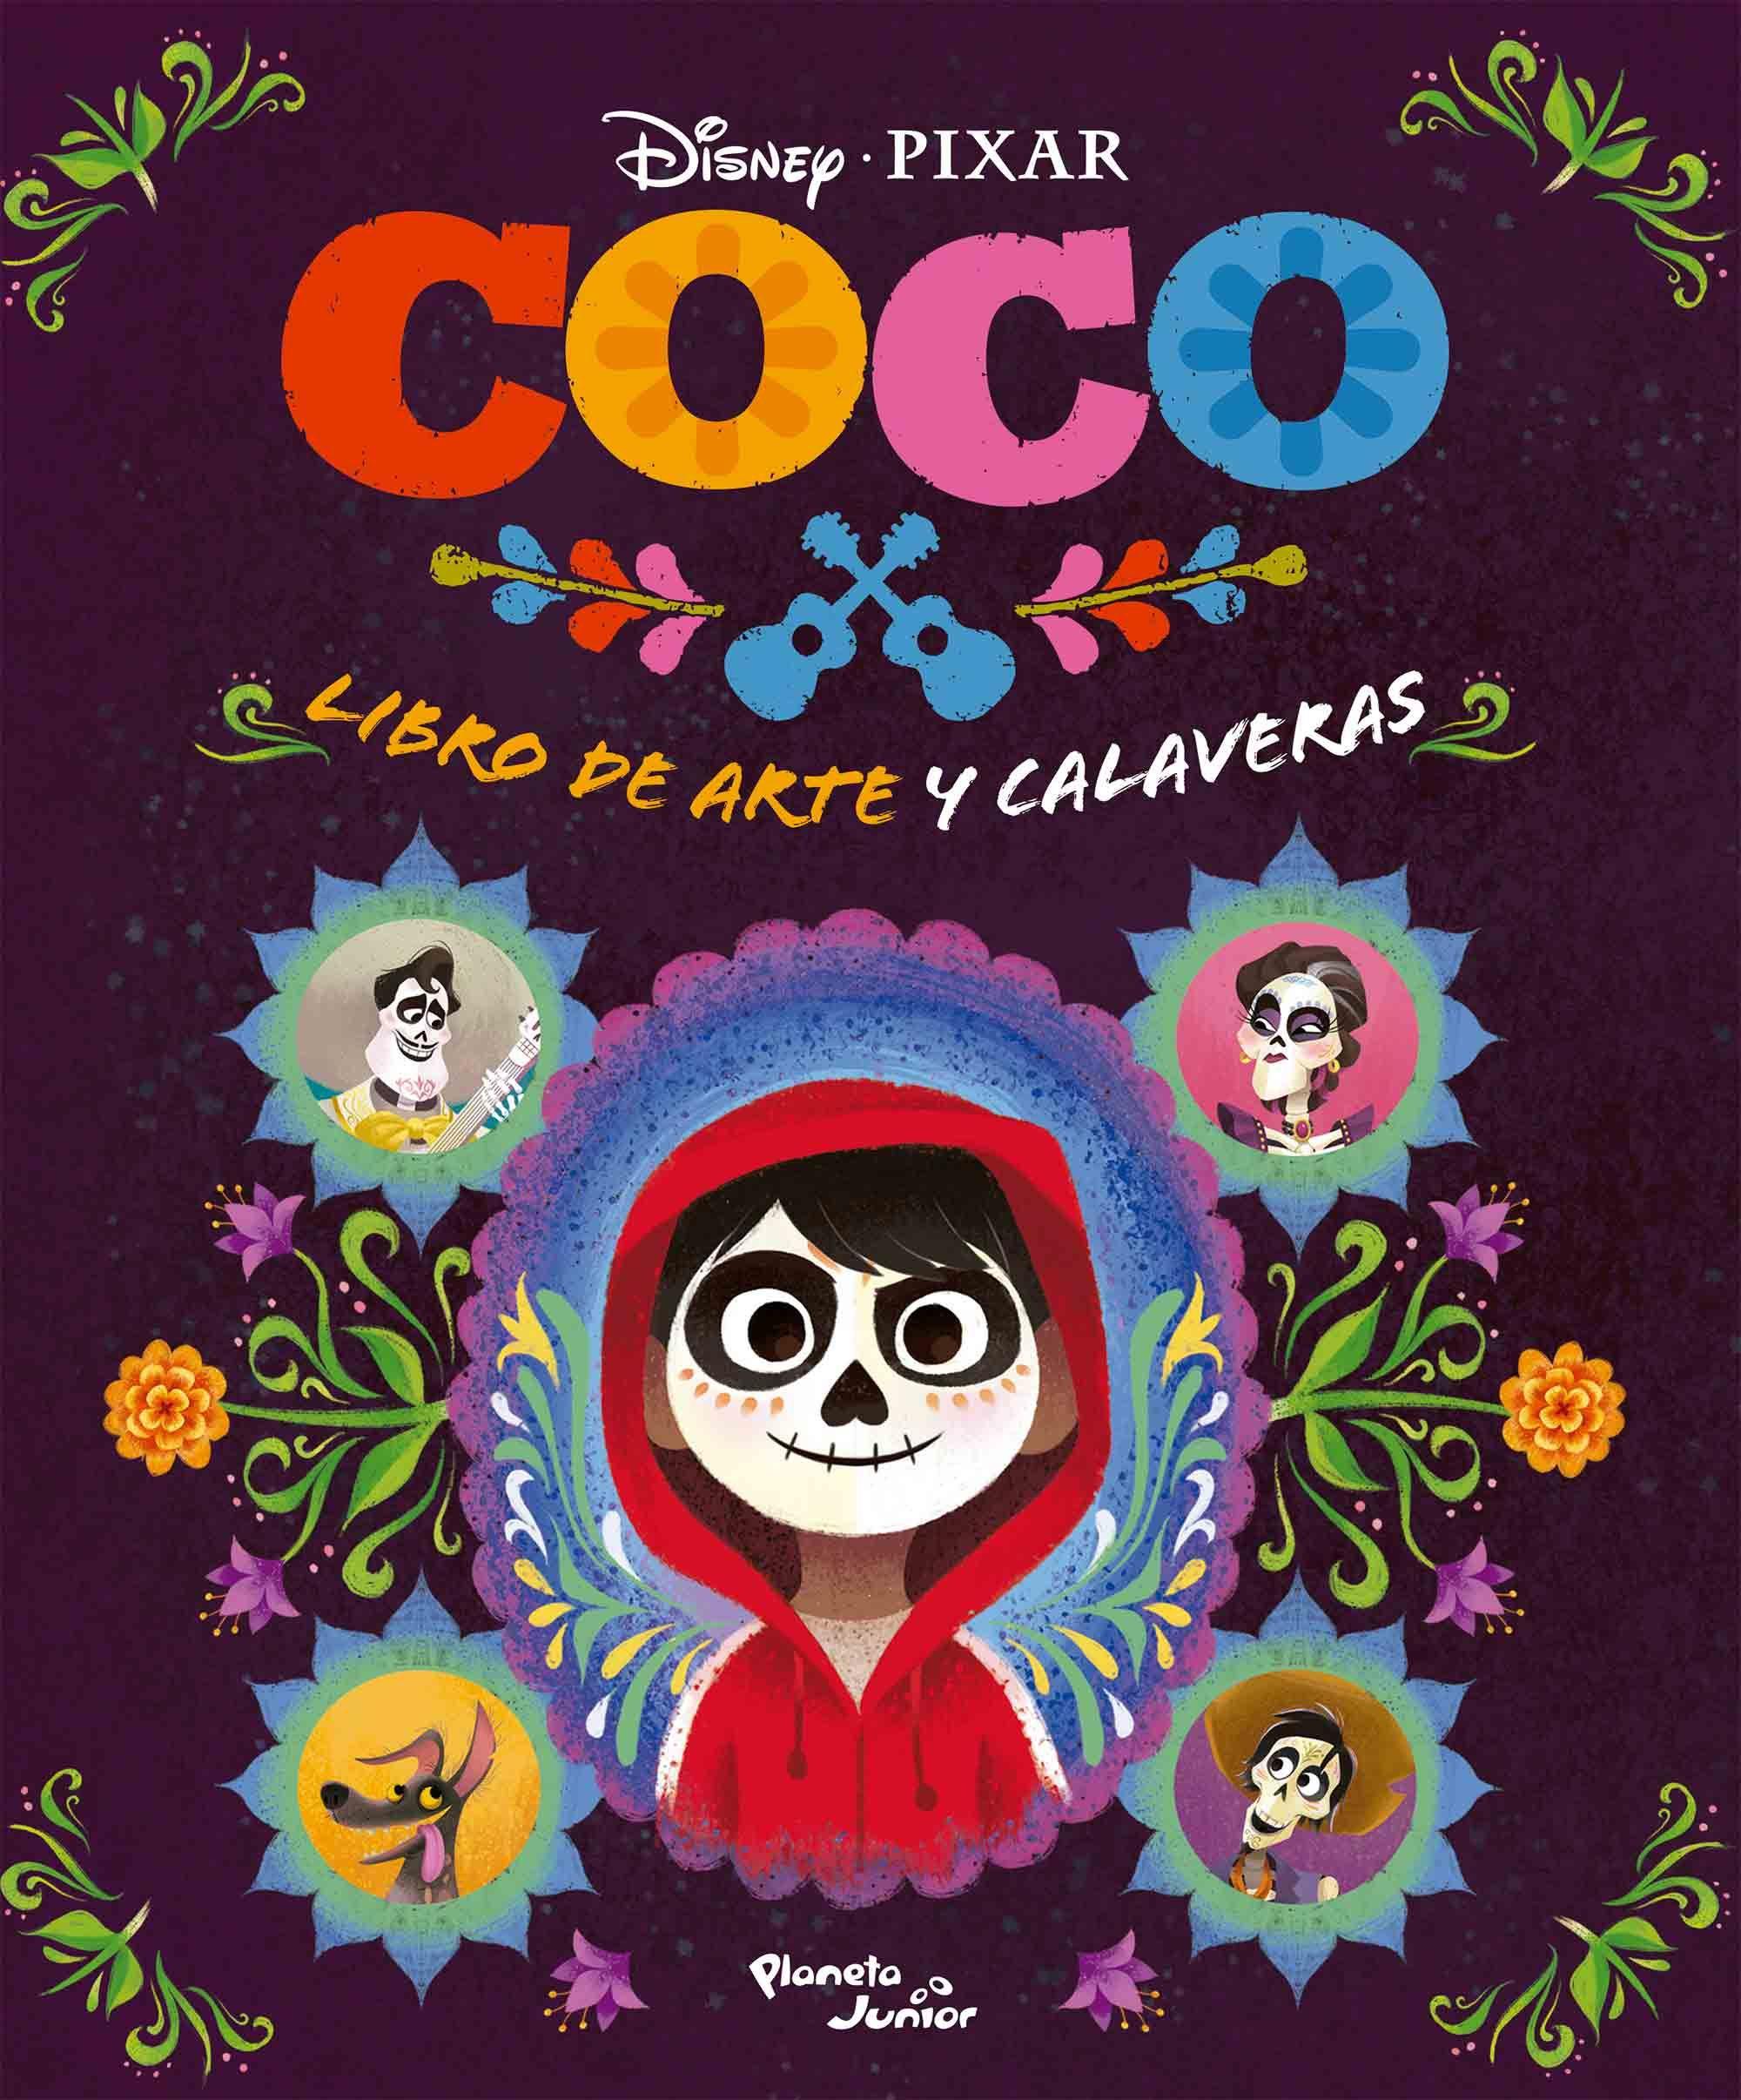 Coco. Libro de arte y calaveras | Planeta de Libros